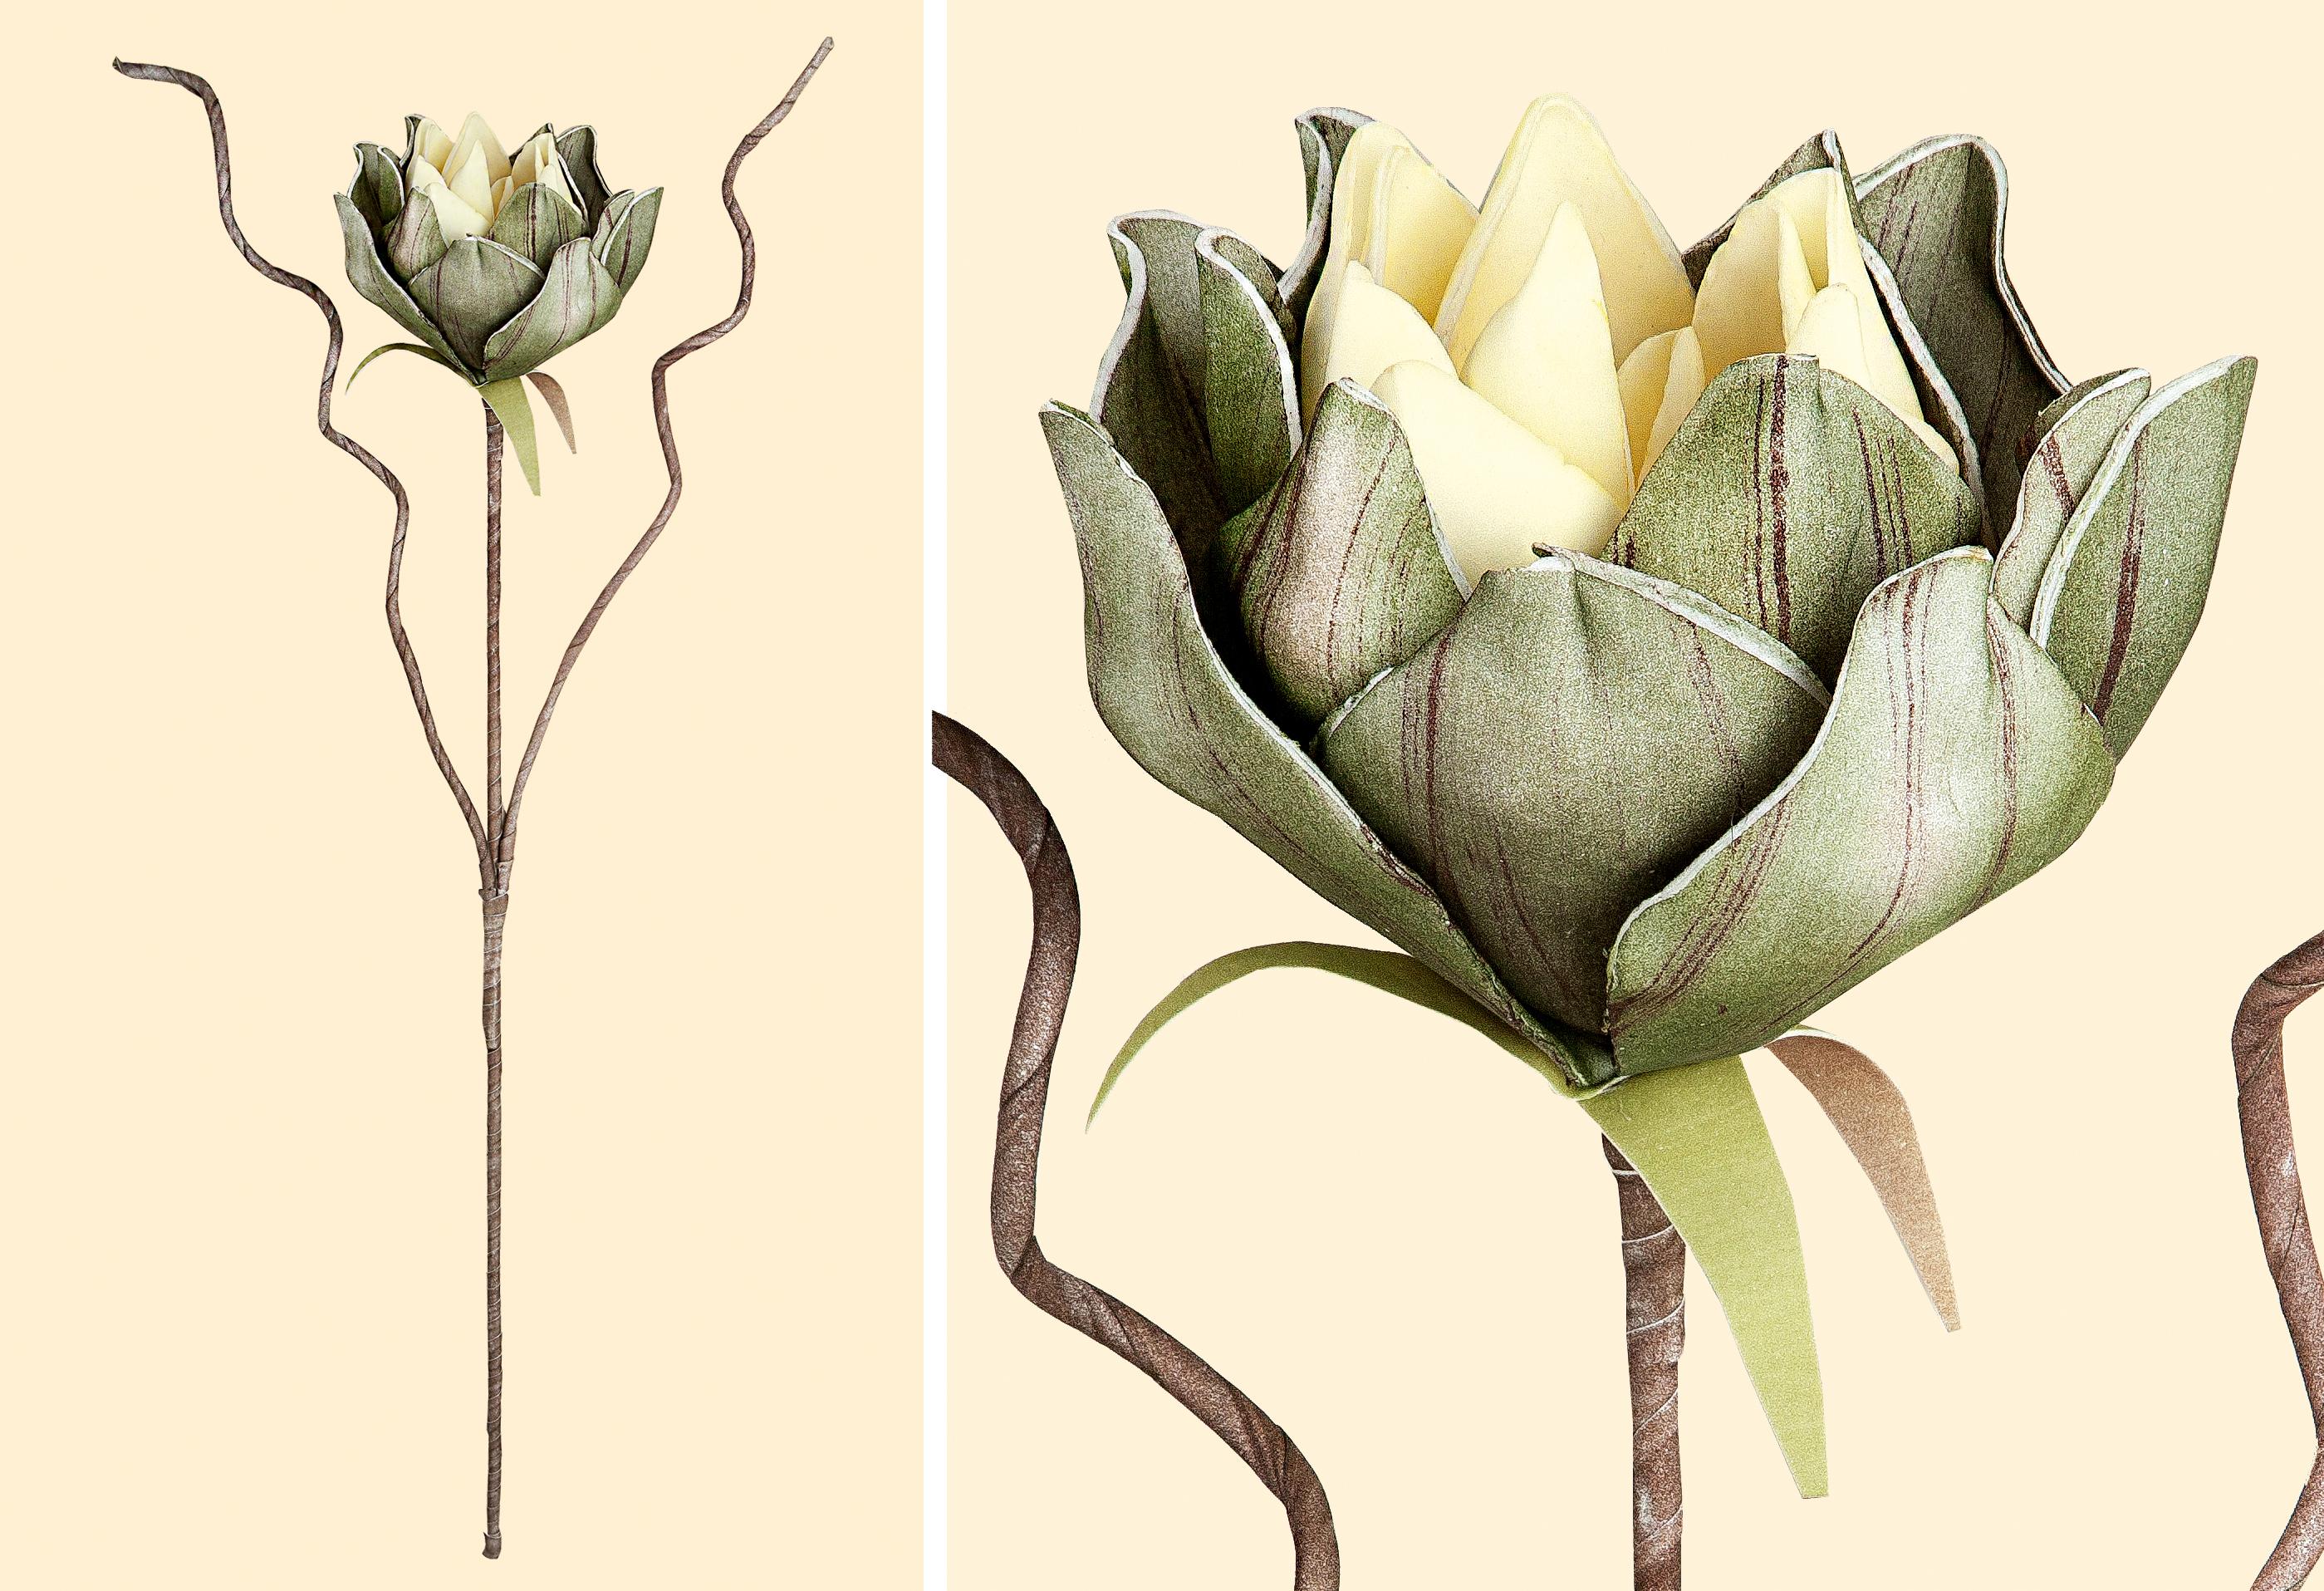 Deko Seerosen Zweig 2er Set grün braun eine Blüte